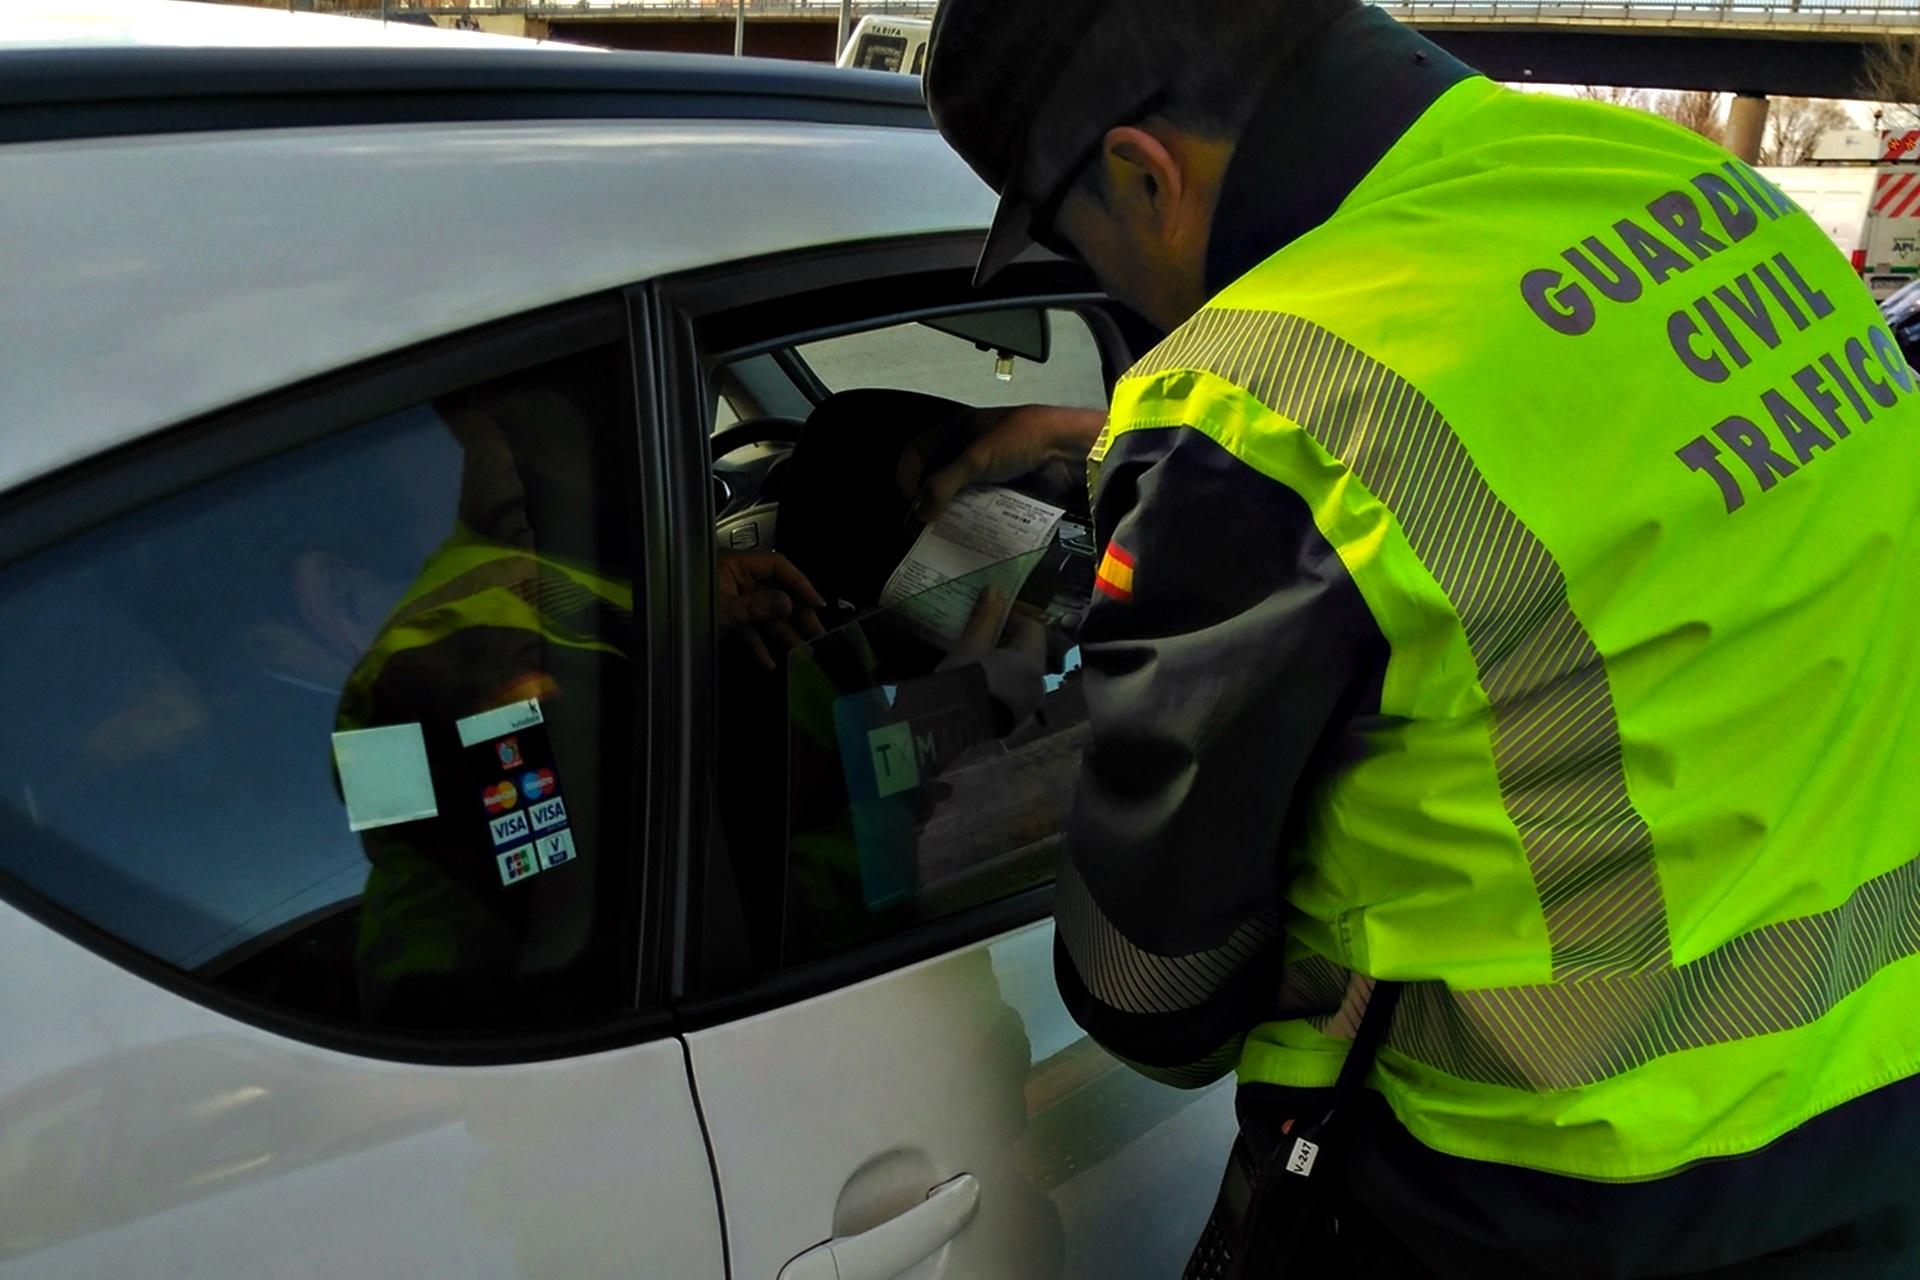 Guardia Civil Taxi Multas Dgt 02